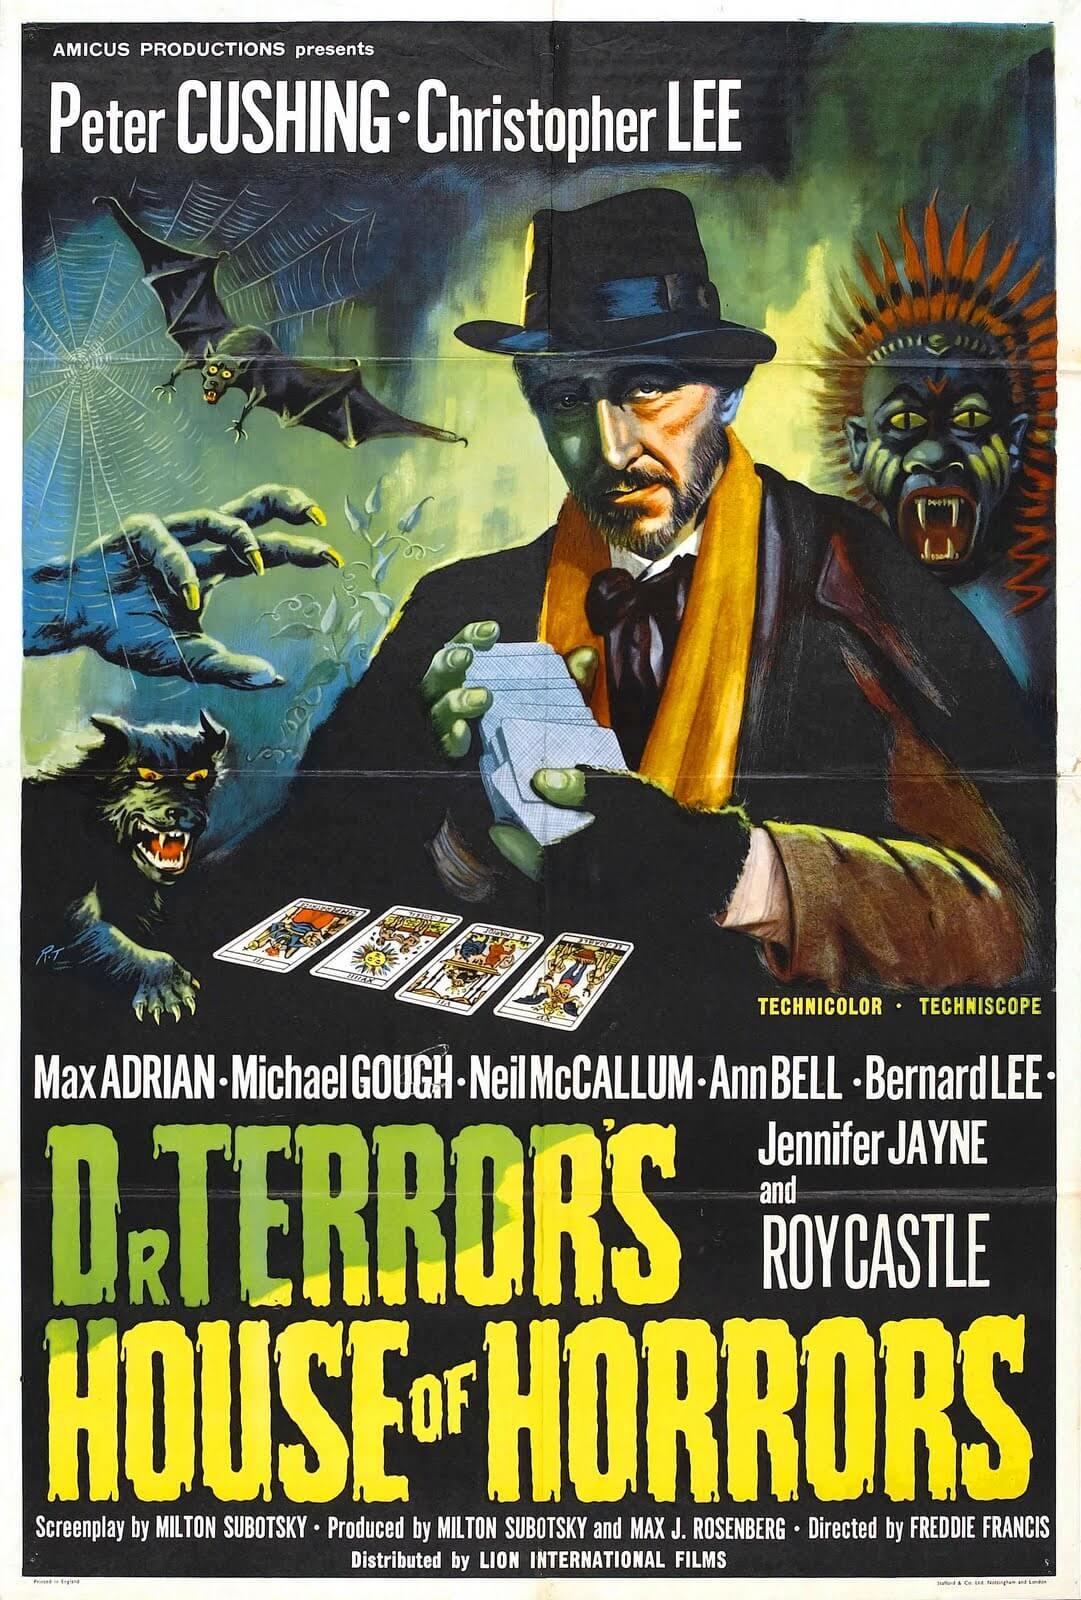 Doctor Terror (Freddie Francis, 1965)